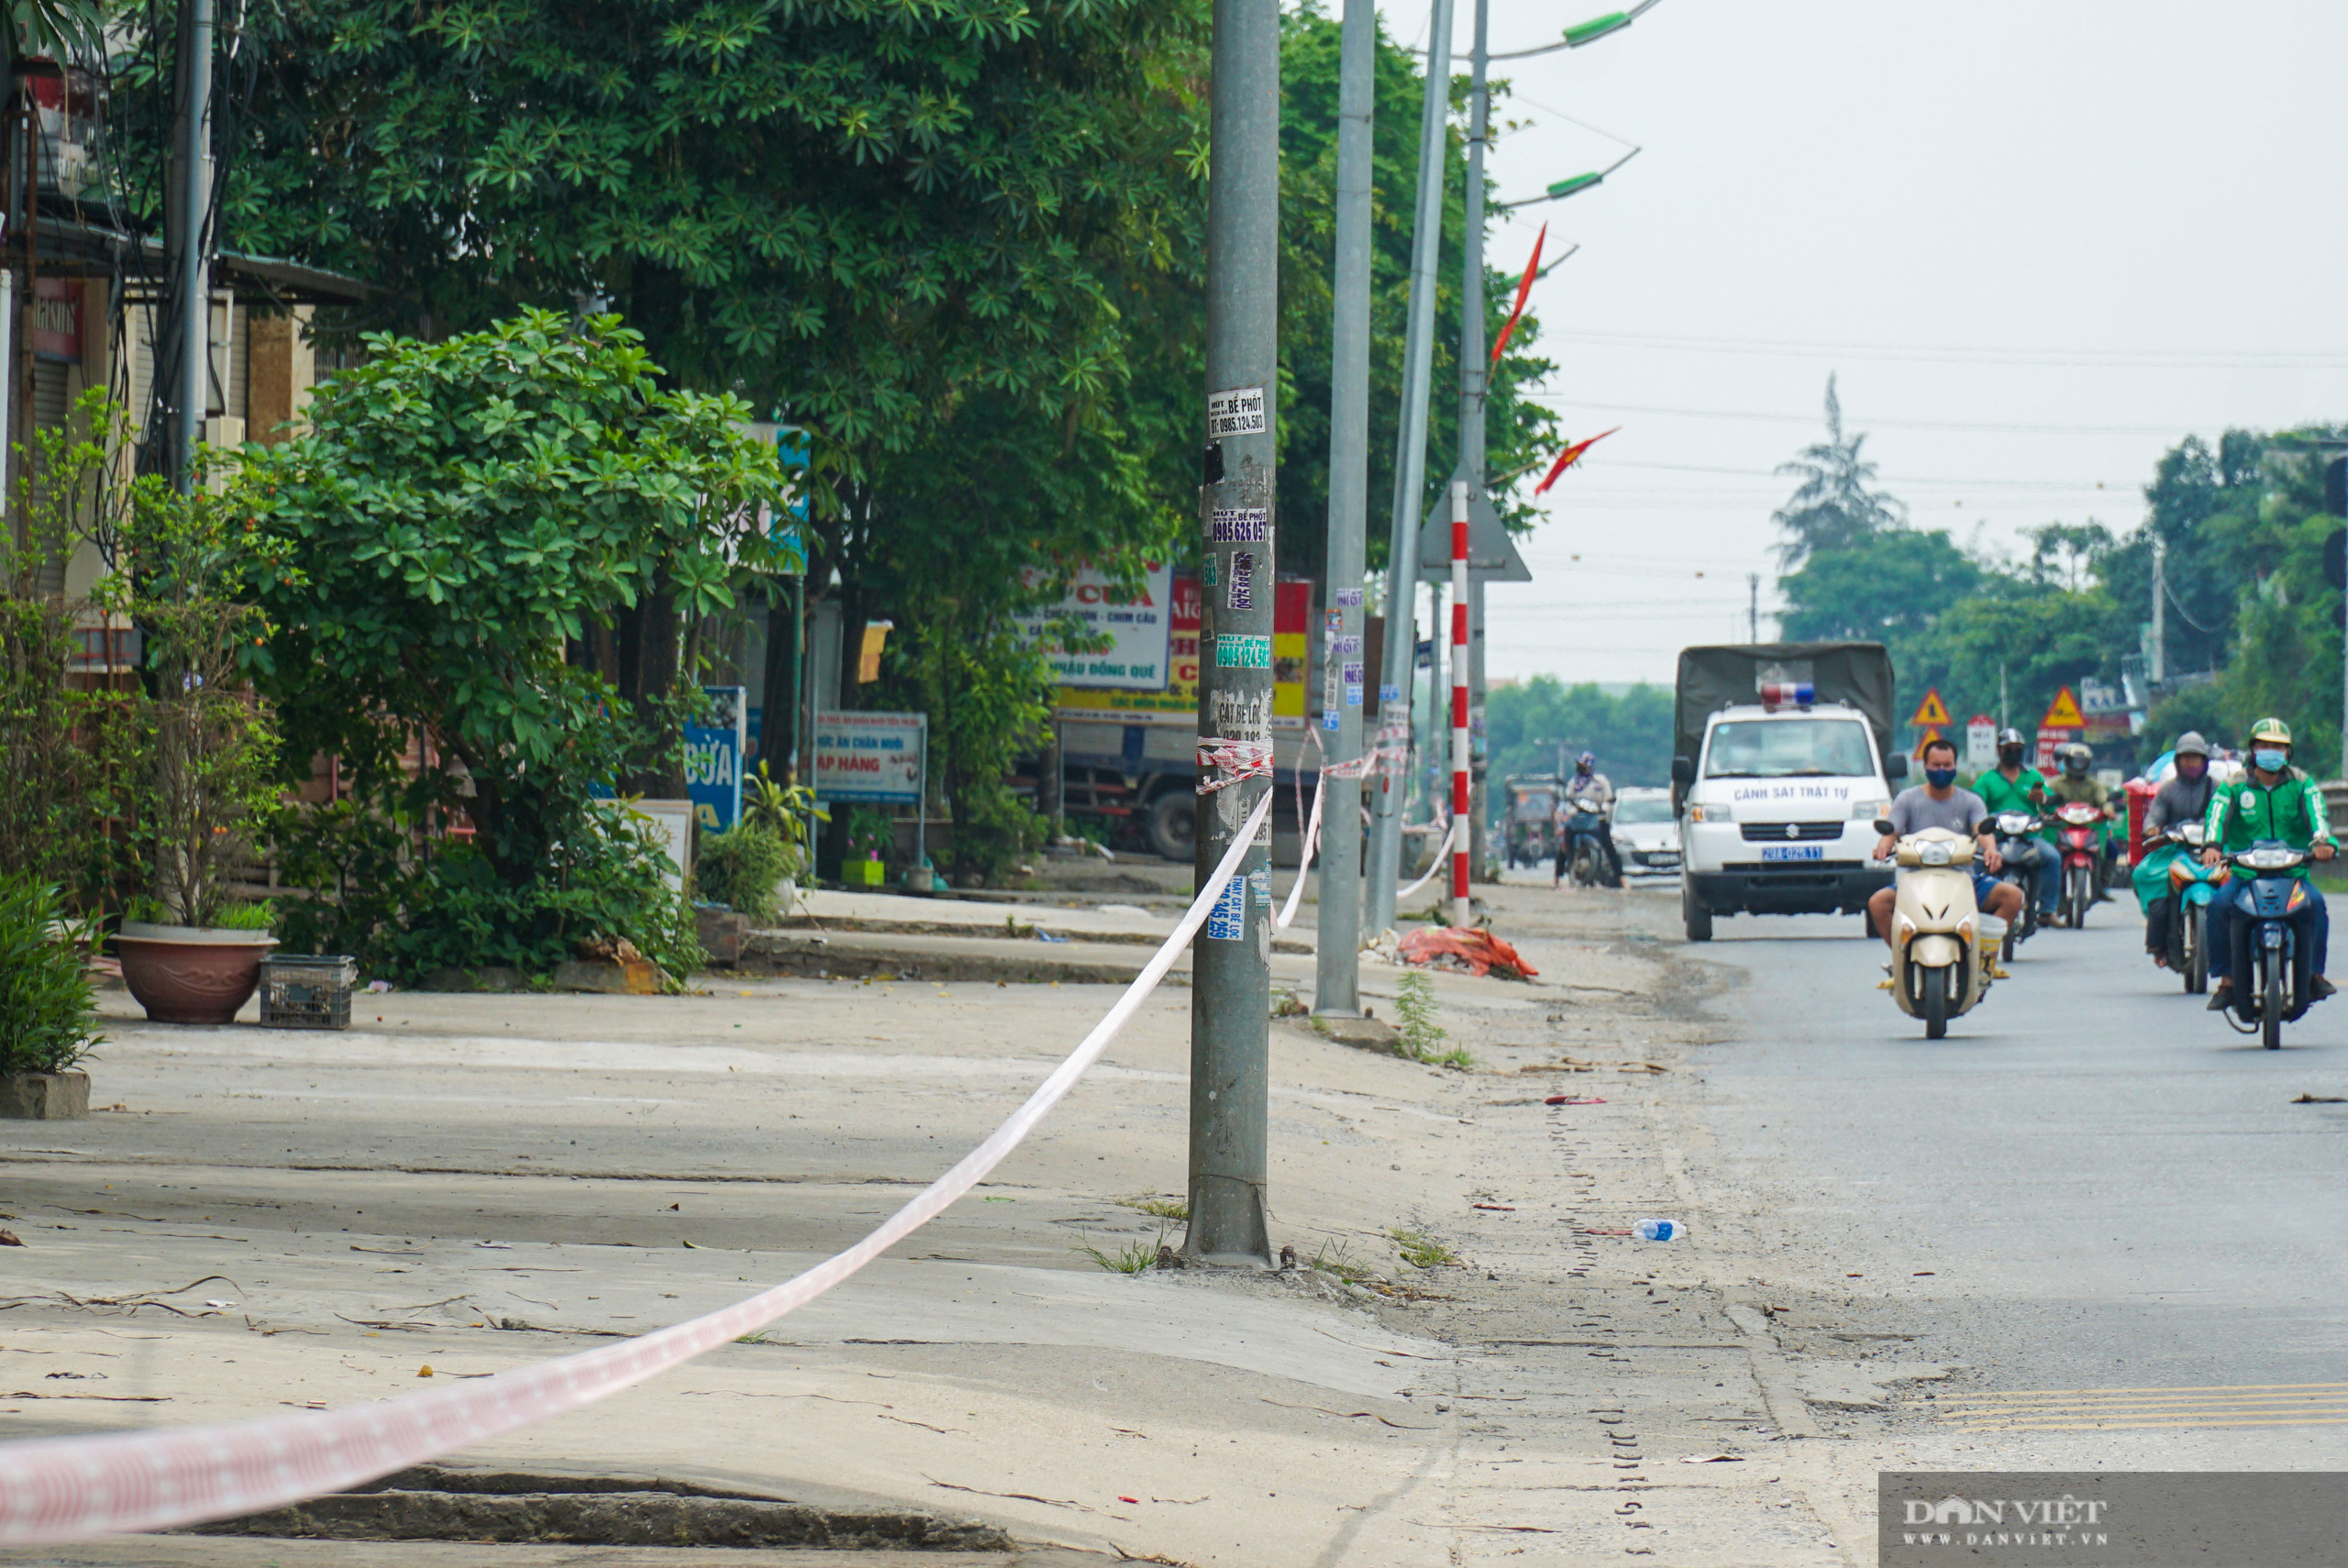 Hàng trăm hộ dân dọc quốc lộ 1A bị chằng dây phong tỏa vì dịch Covid-19 - Ảnh 4.